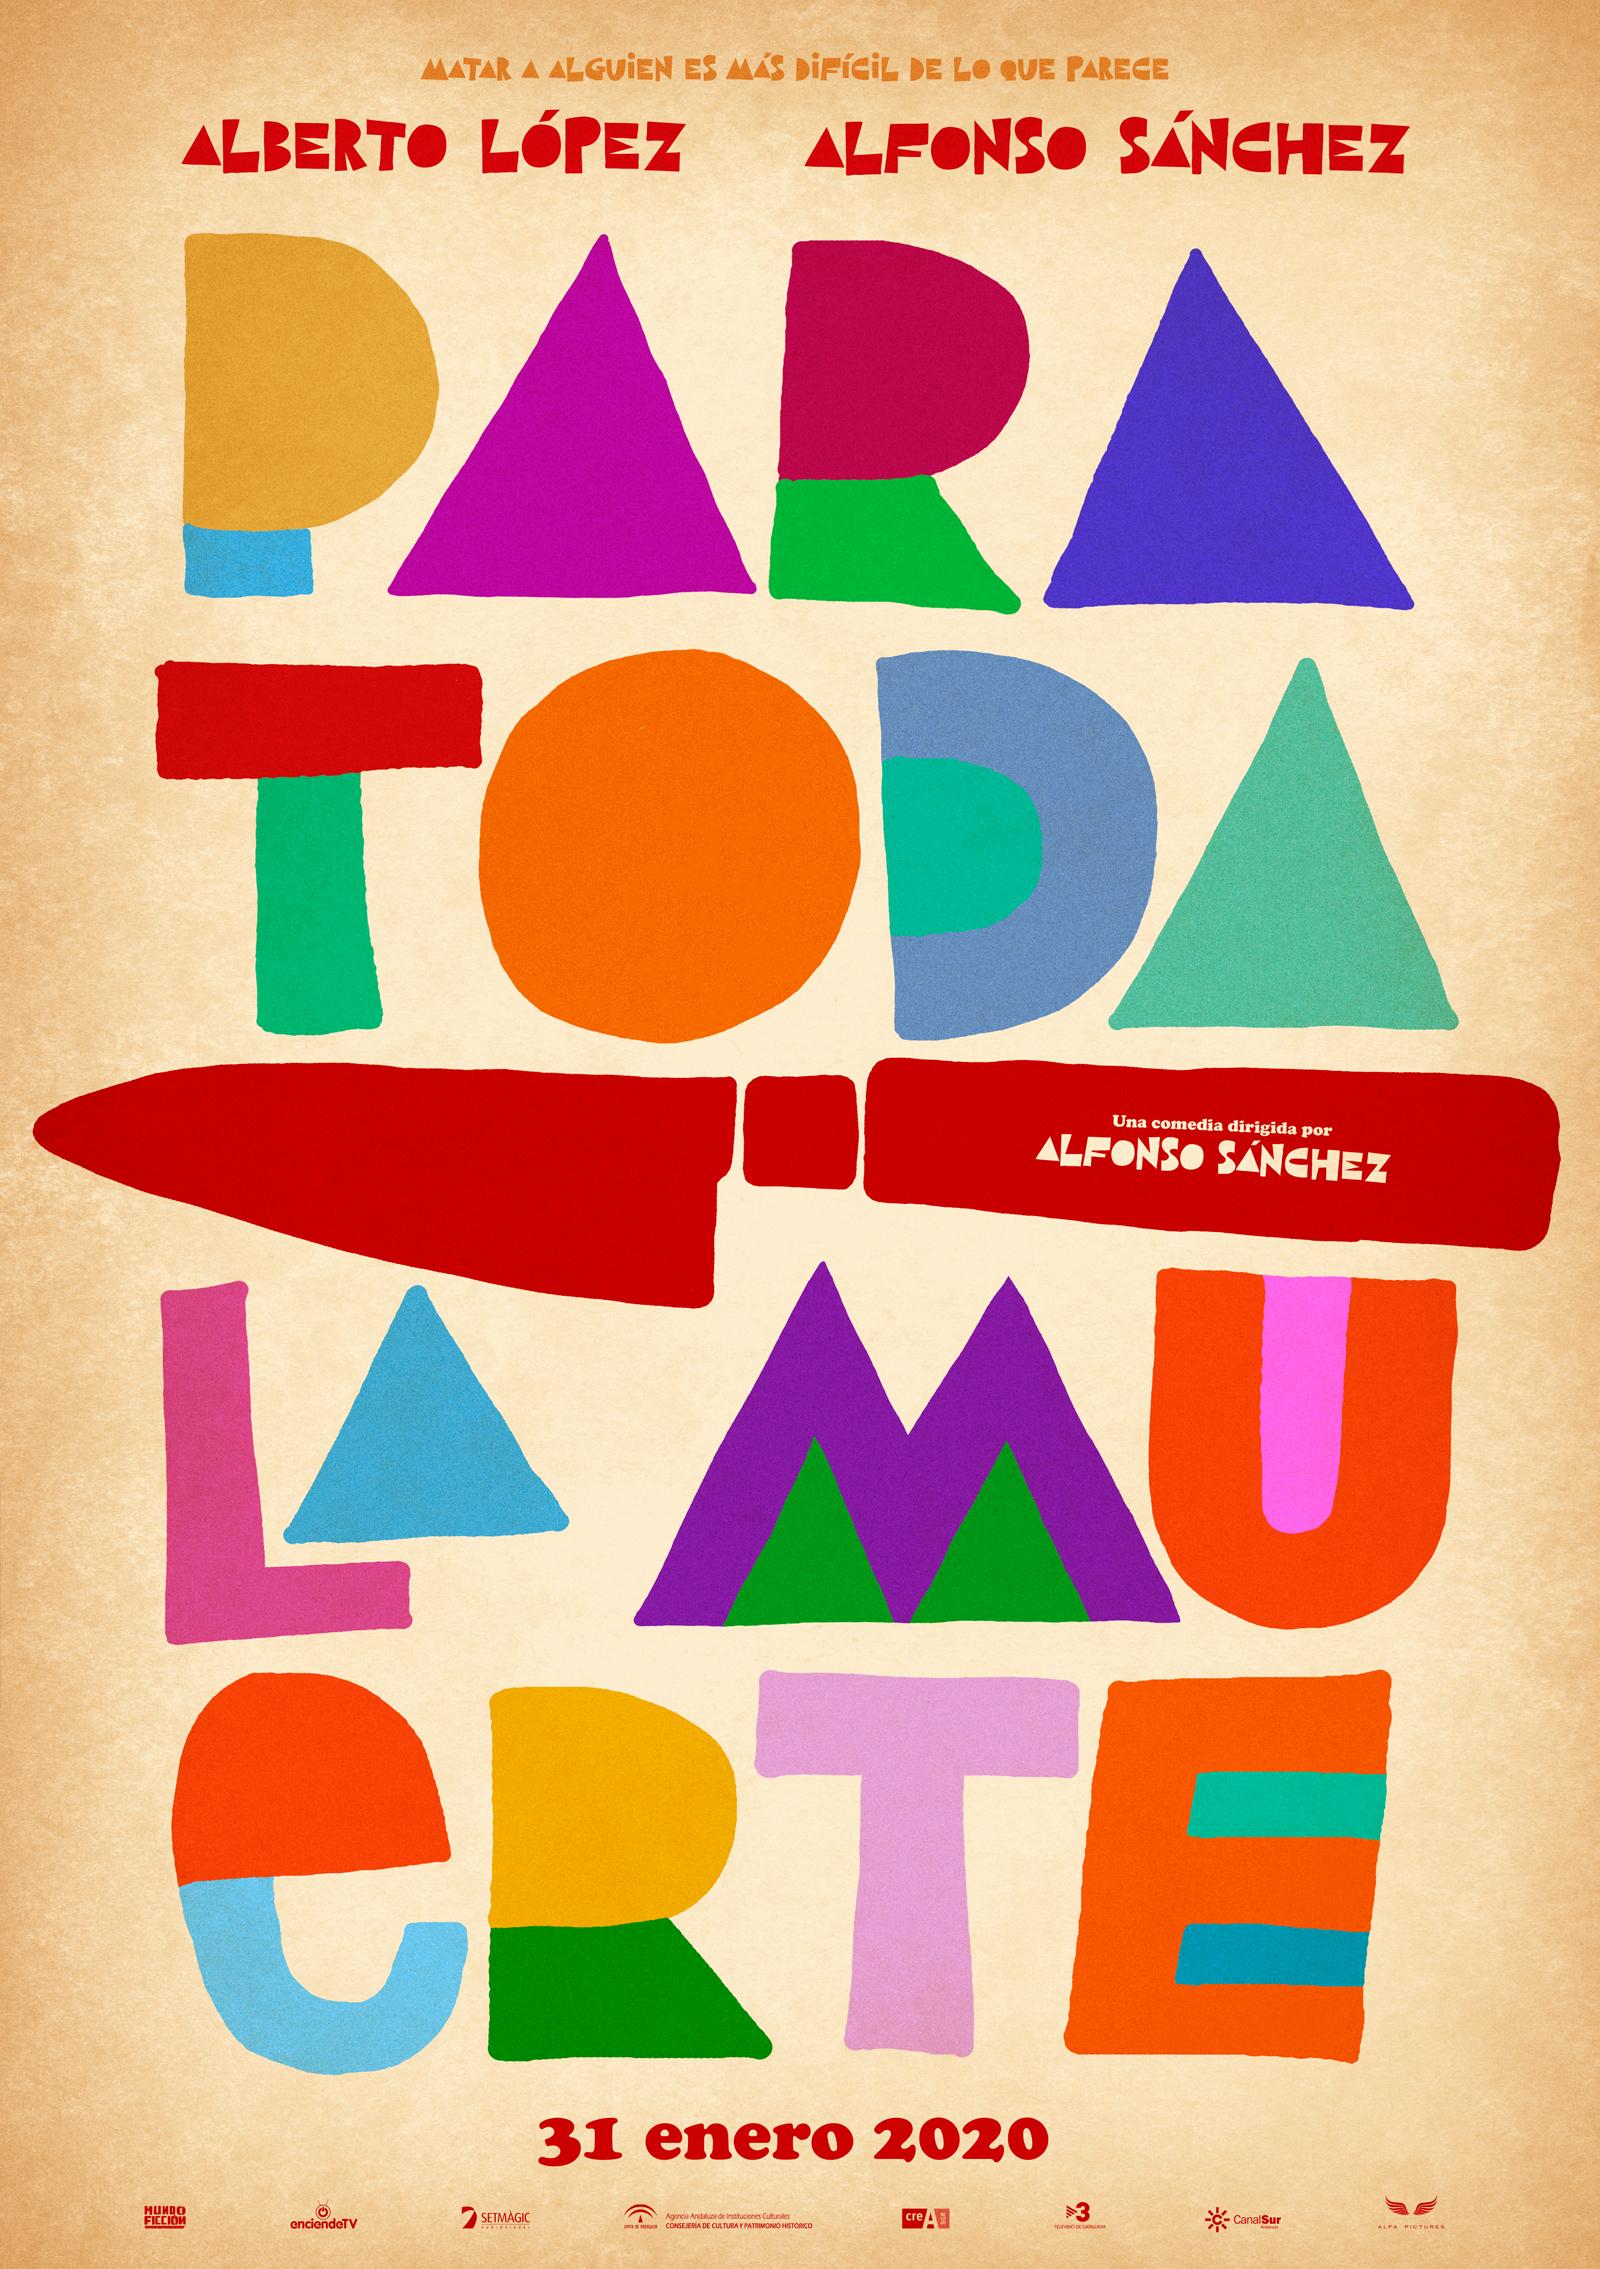 Pedro Cabañas - Design - PARA TODA LA MUERTE